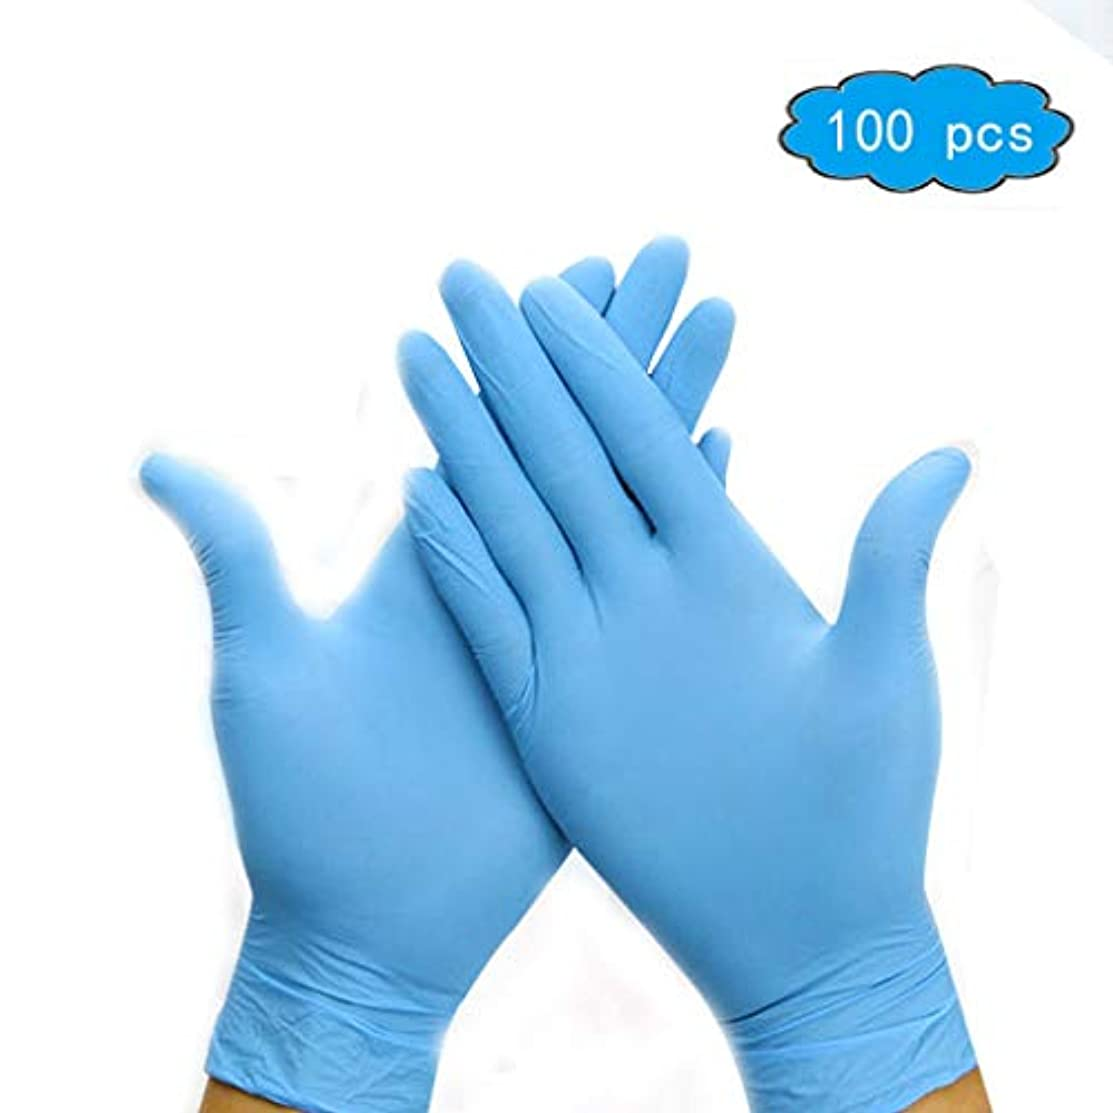 初心者かご開梱使い捨てニトリル手袋 - パウダーフリー、ラテックスフリー、メディカル試験グレード、無菌、Ambidextrous - テクスチャード加工のソフト - クールブルー(中、1パック、100カウント)、手?腕の保護 (Color...